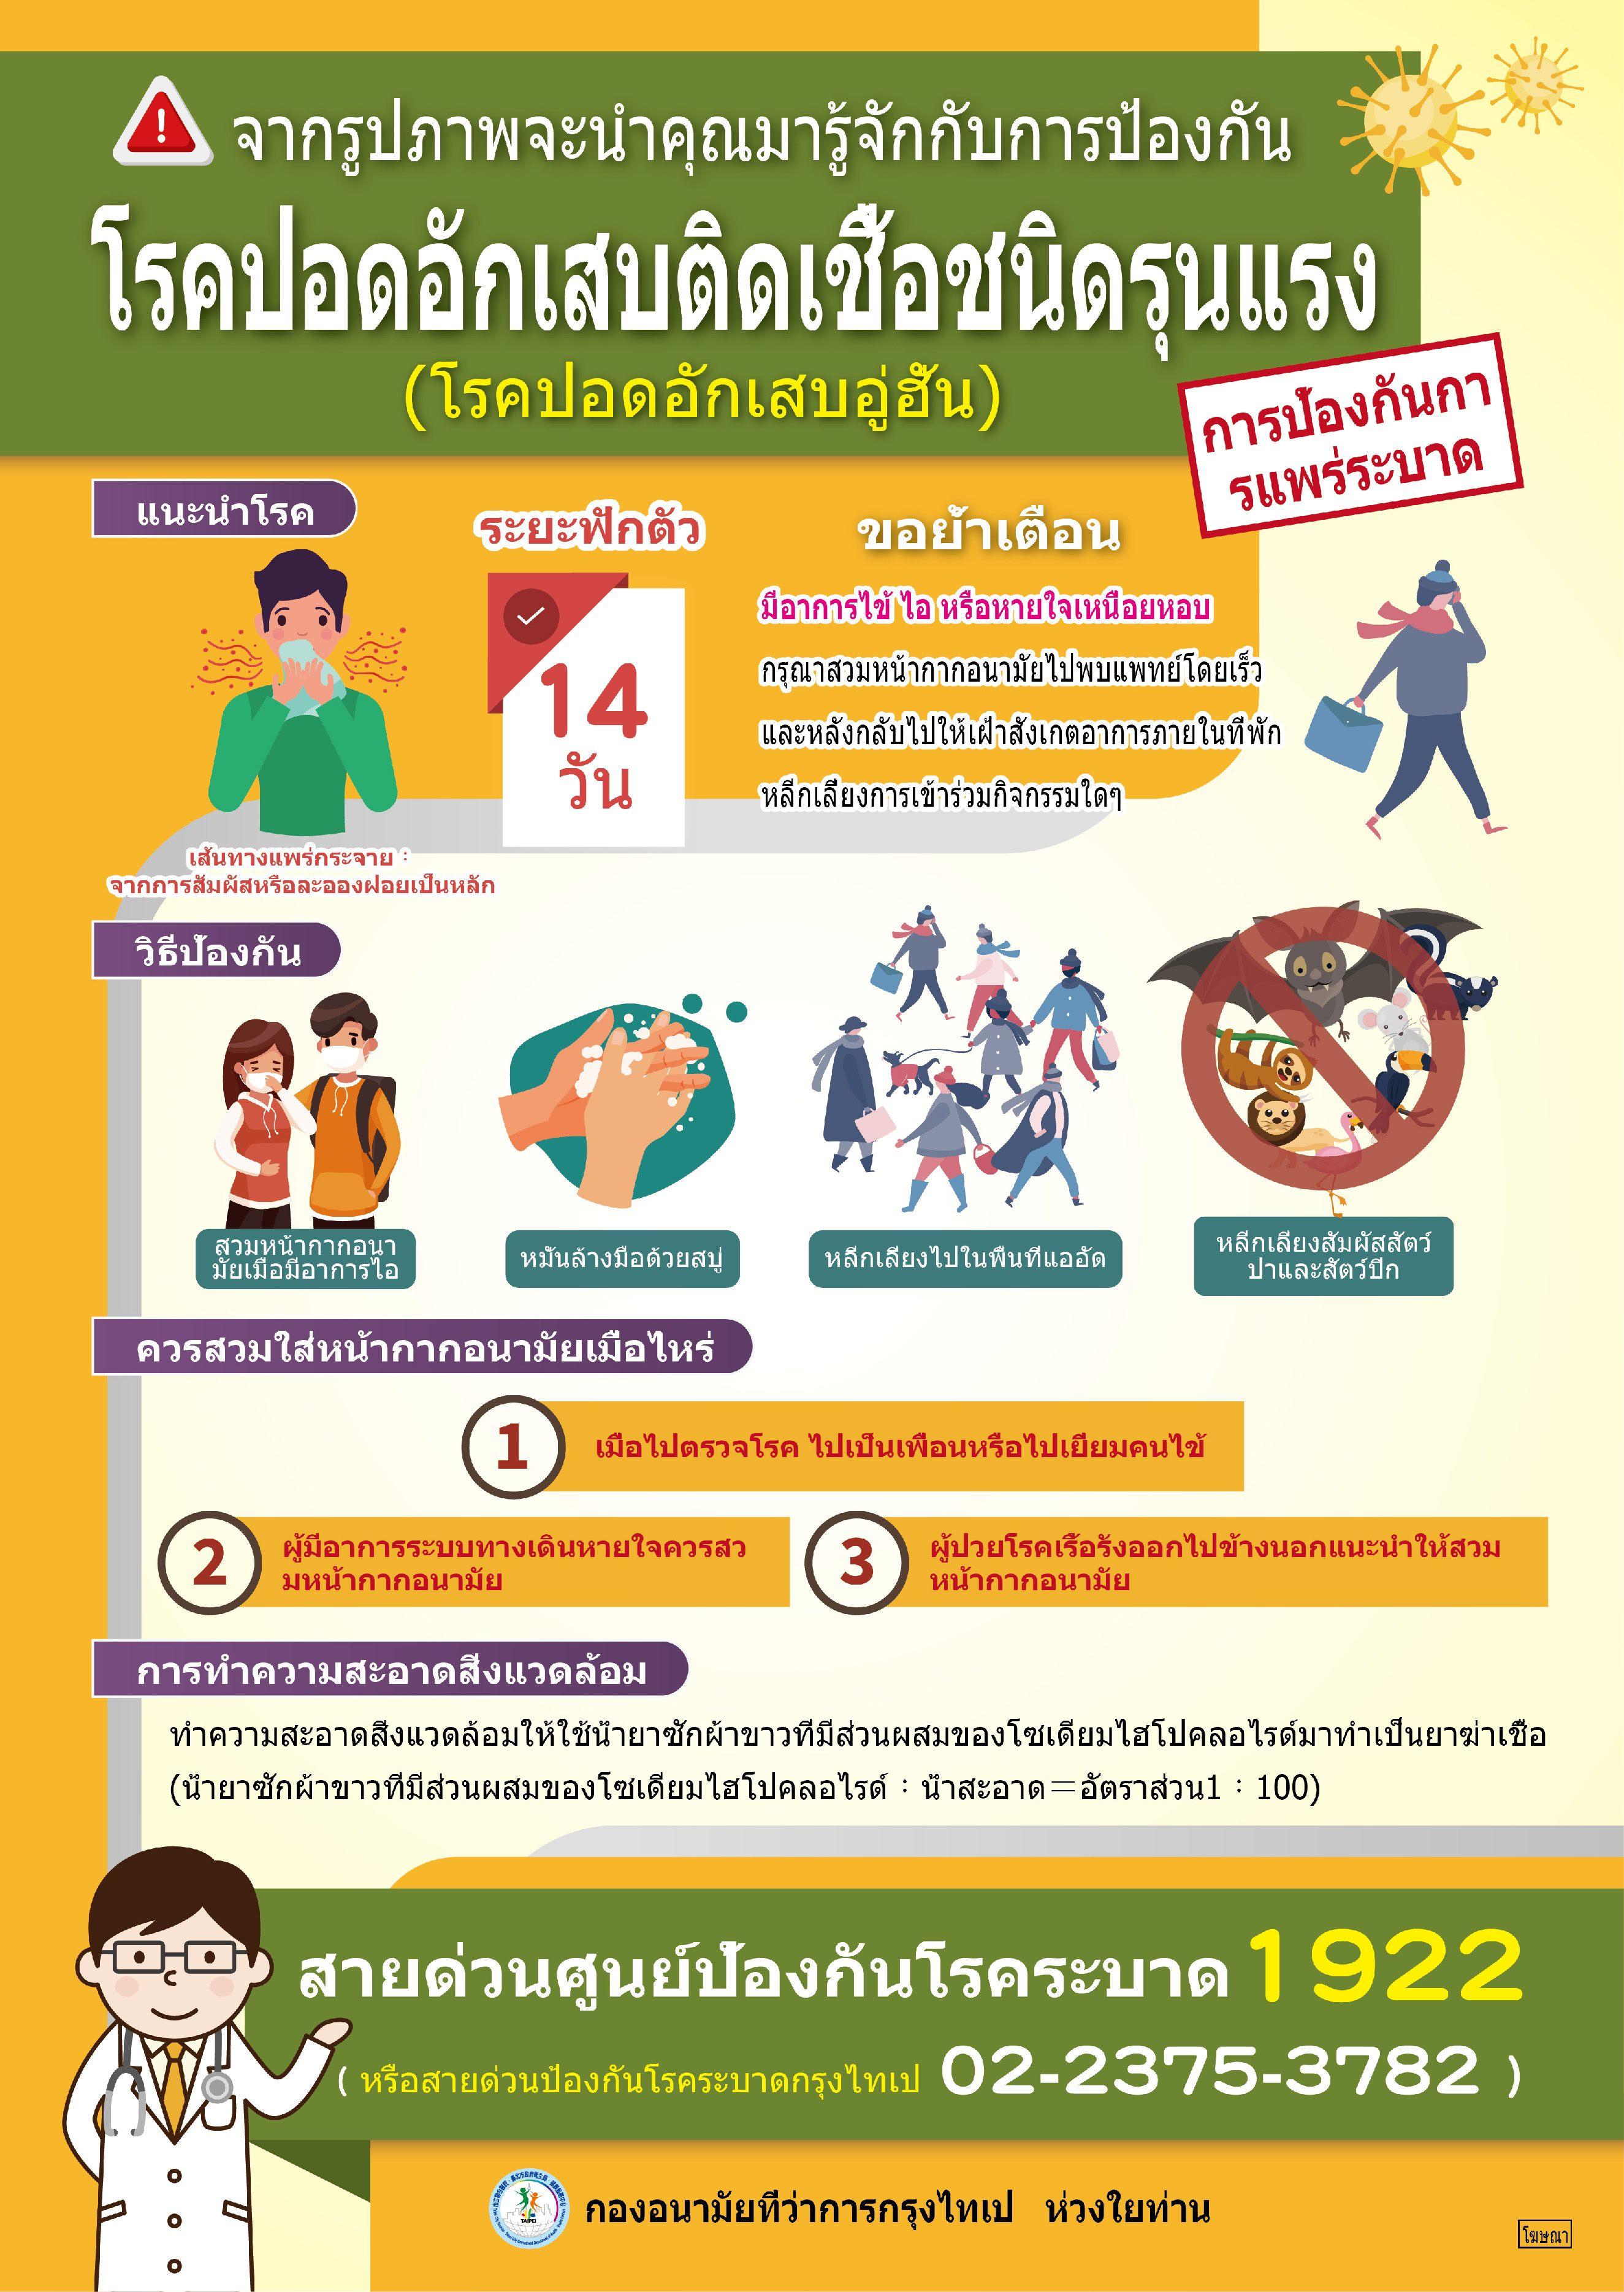 จากภาพคุณจะรู้จักกับโรคปอดอักเสบชนิดรุนแรง-ฉบับหลายภาษา (ปอดอักเสบอู่ฮั่น)(4-8)